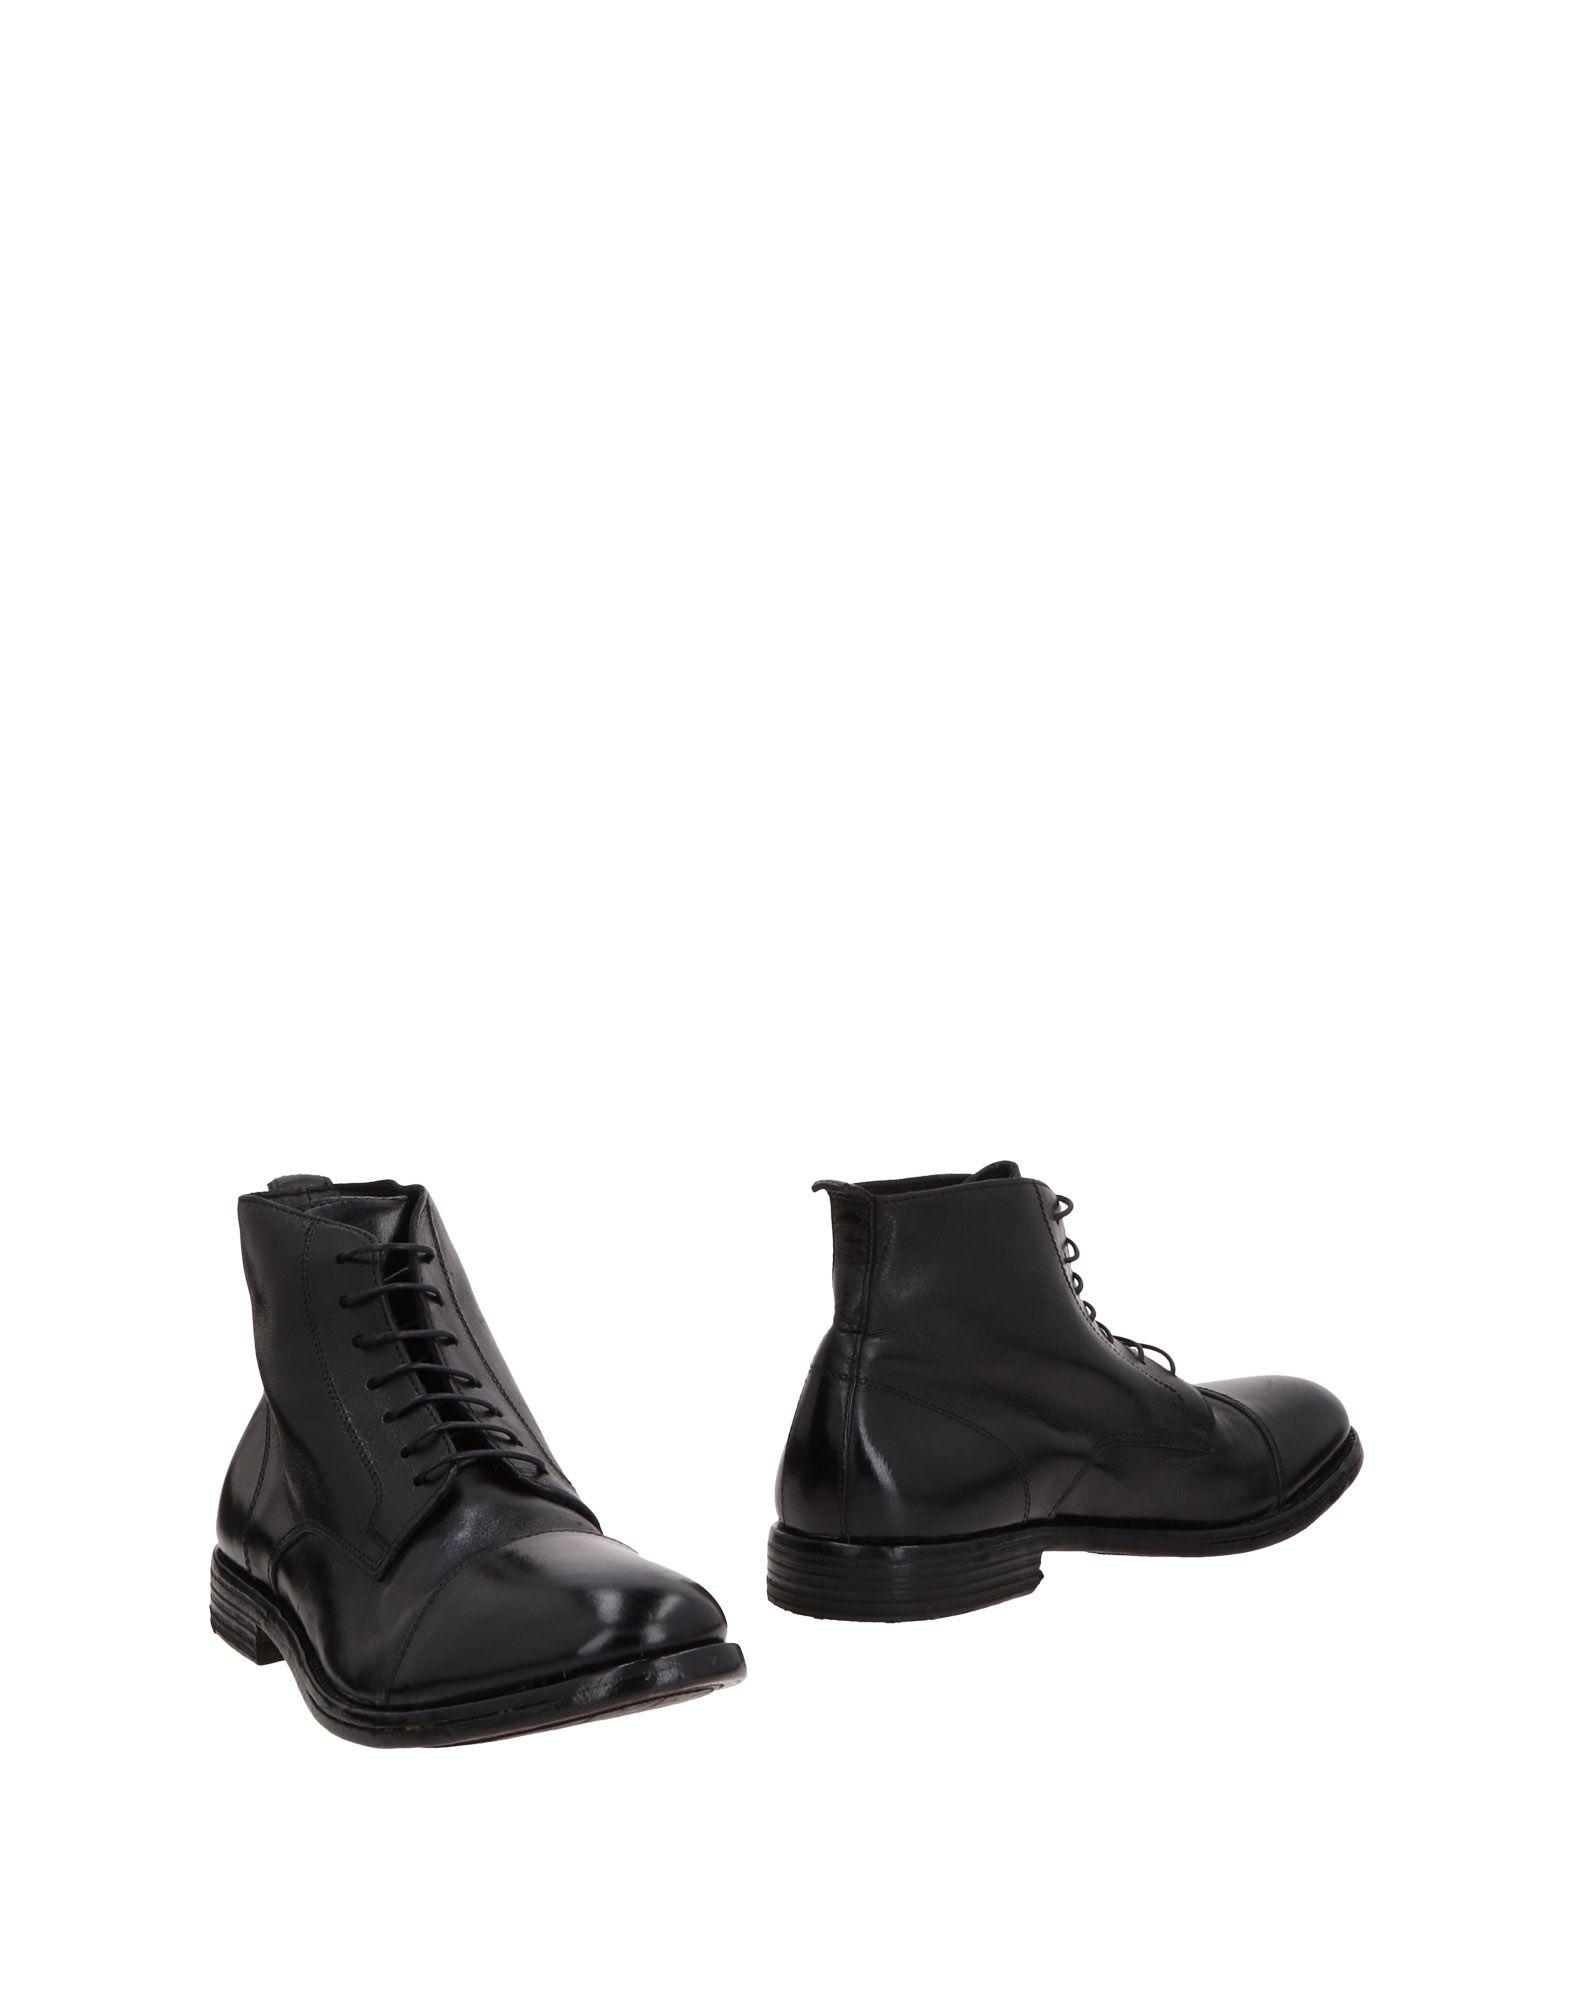 Moma Stiefelette Herren  11471678MK Gute Qualität beliebte Schuhe